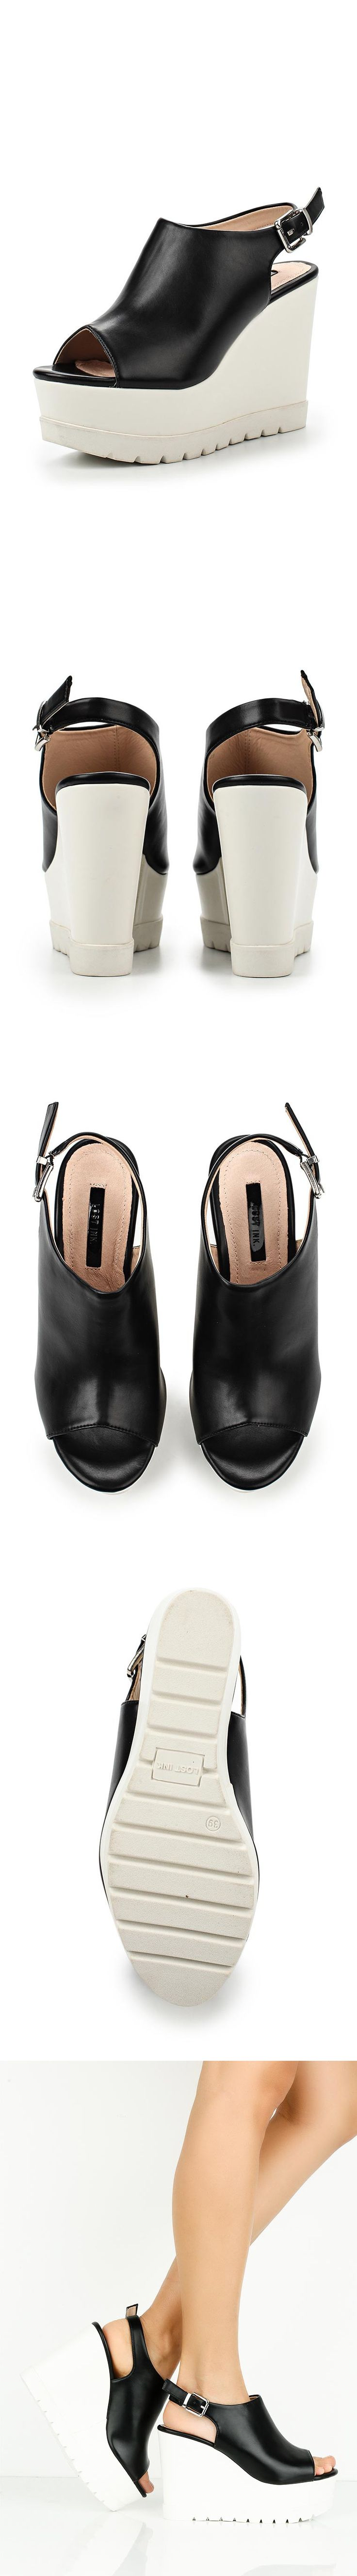 Женская обувь босоножки LOST INK за 2240.00 руб.